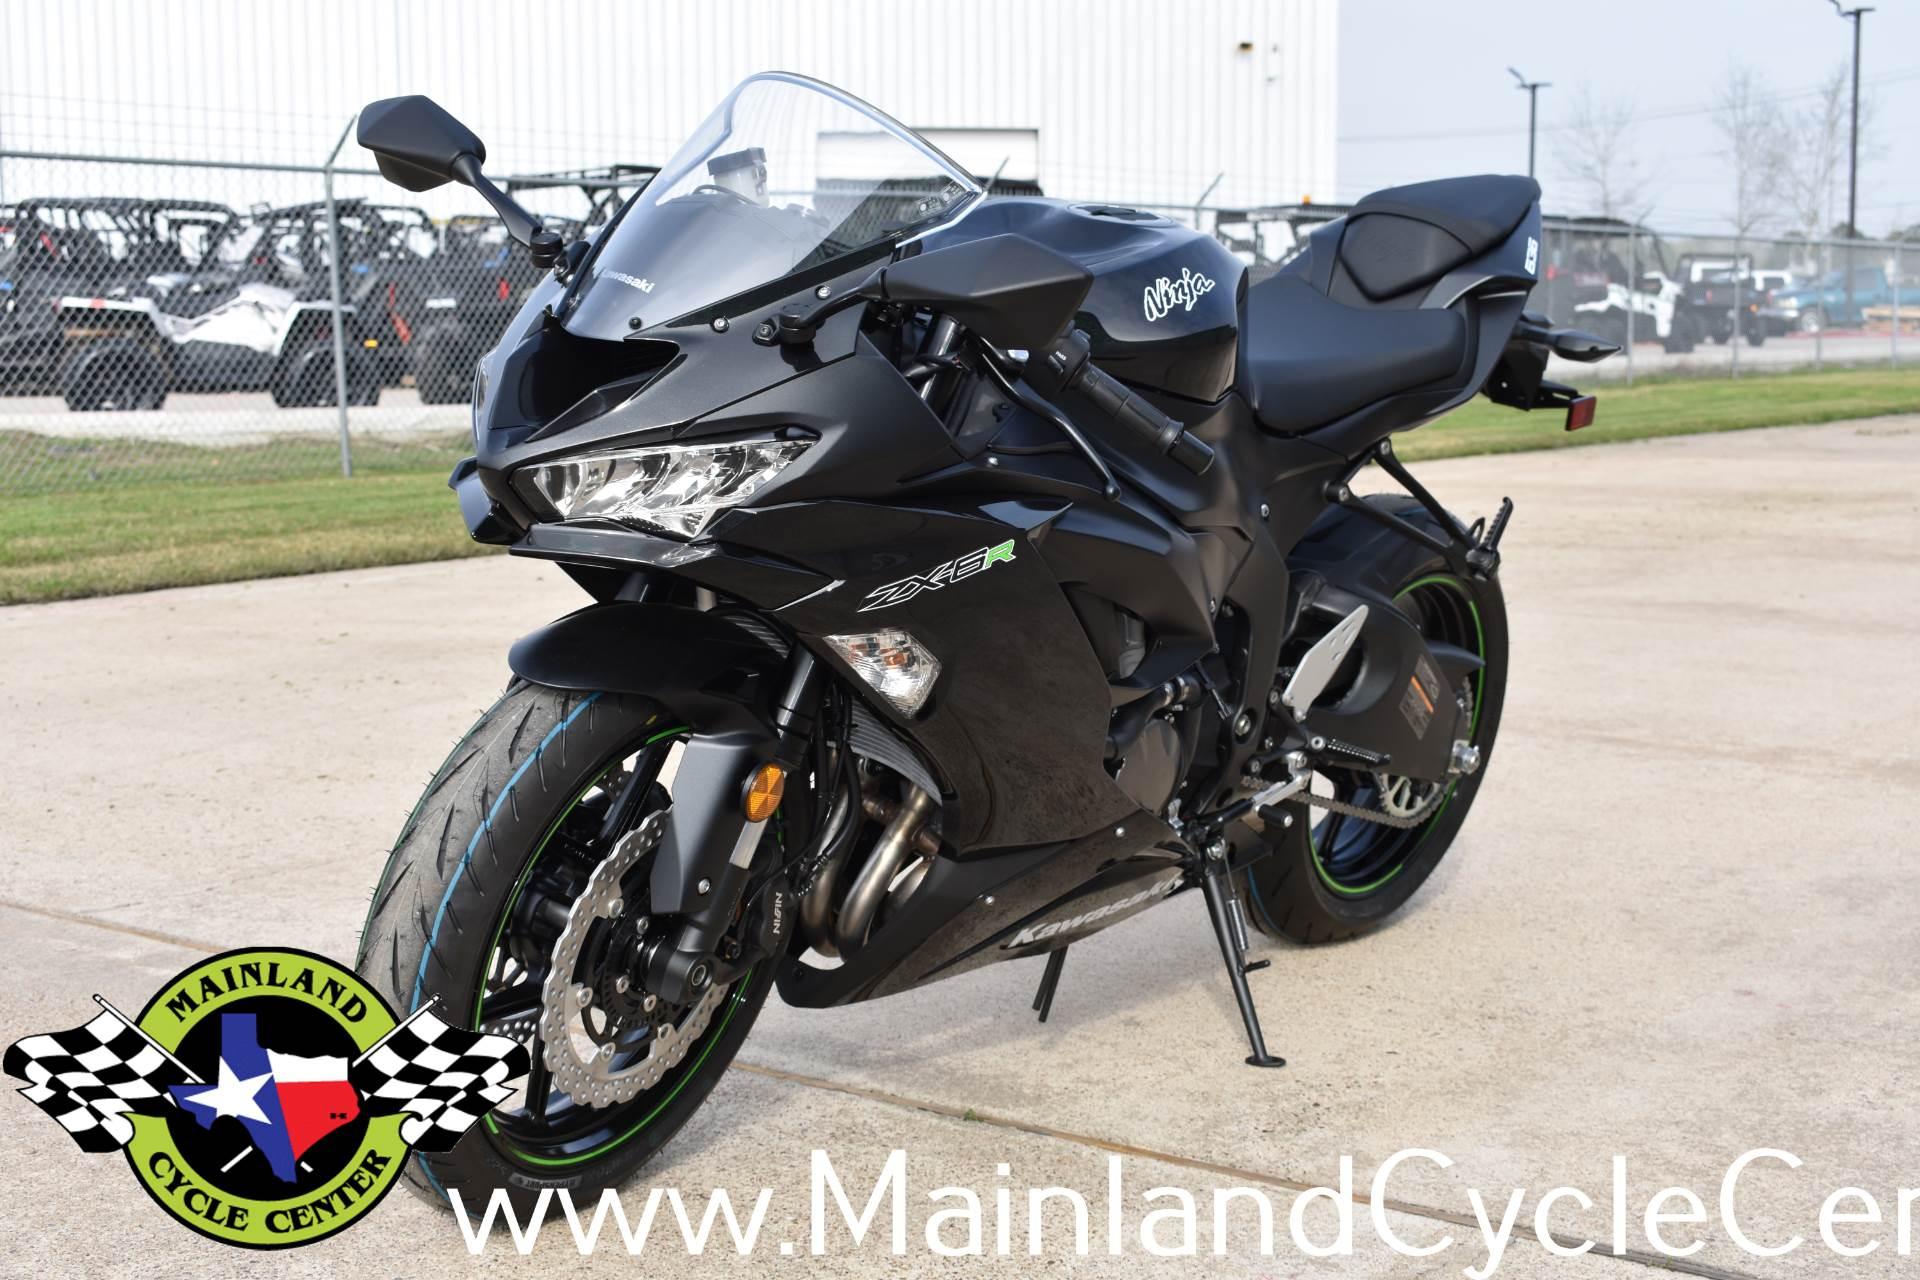 New 2019 Kawasaki Ninja Zx 6r Metallic Spark Black Metallic Flat